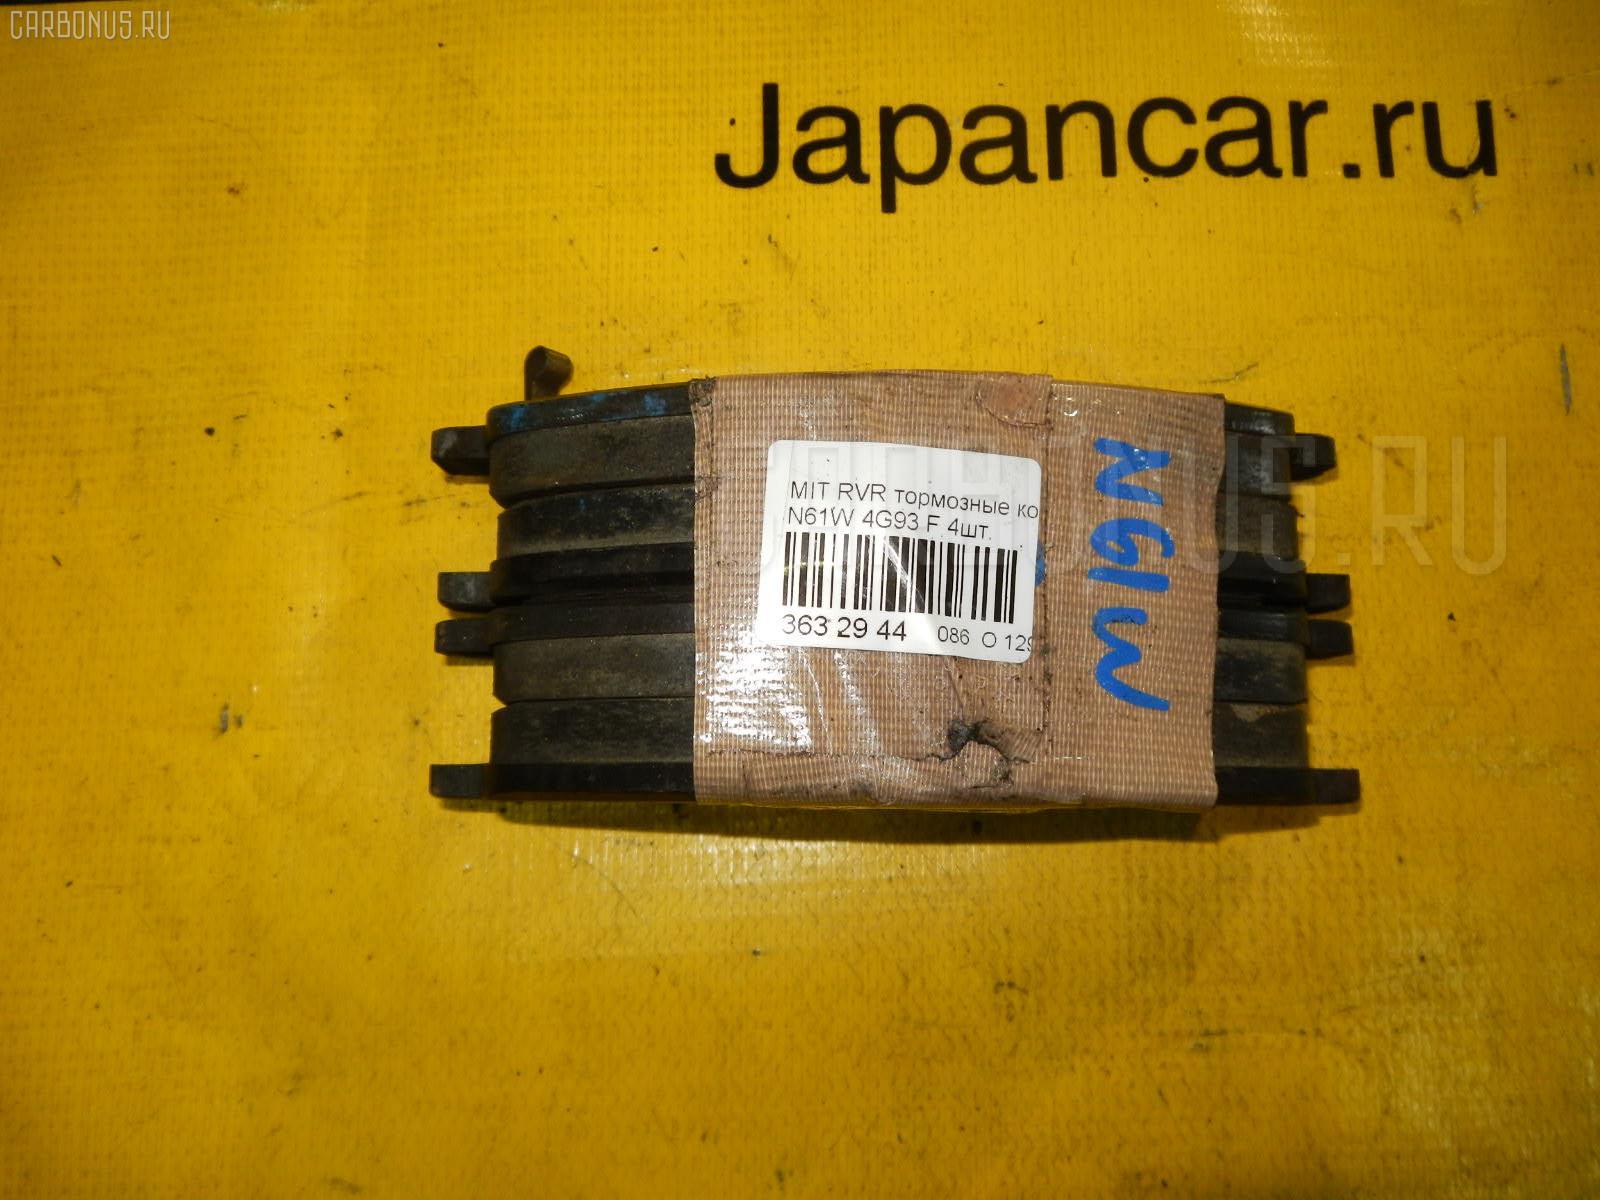 Тормозные колодки MITSUBISHI RVR N61W 4G93 Фото 2